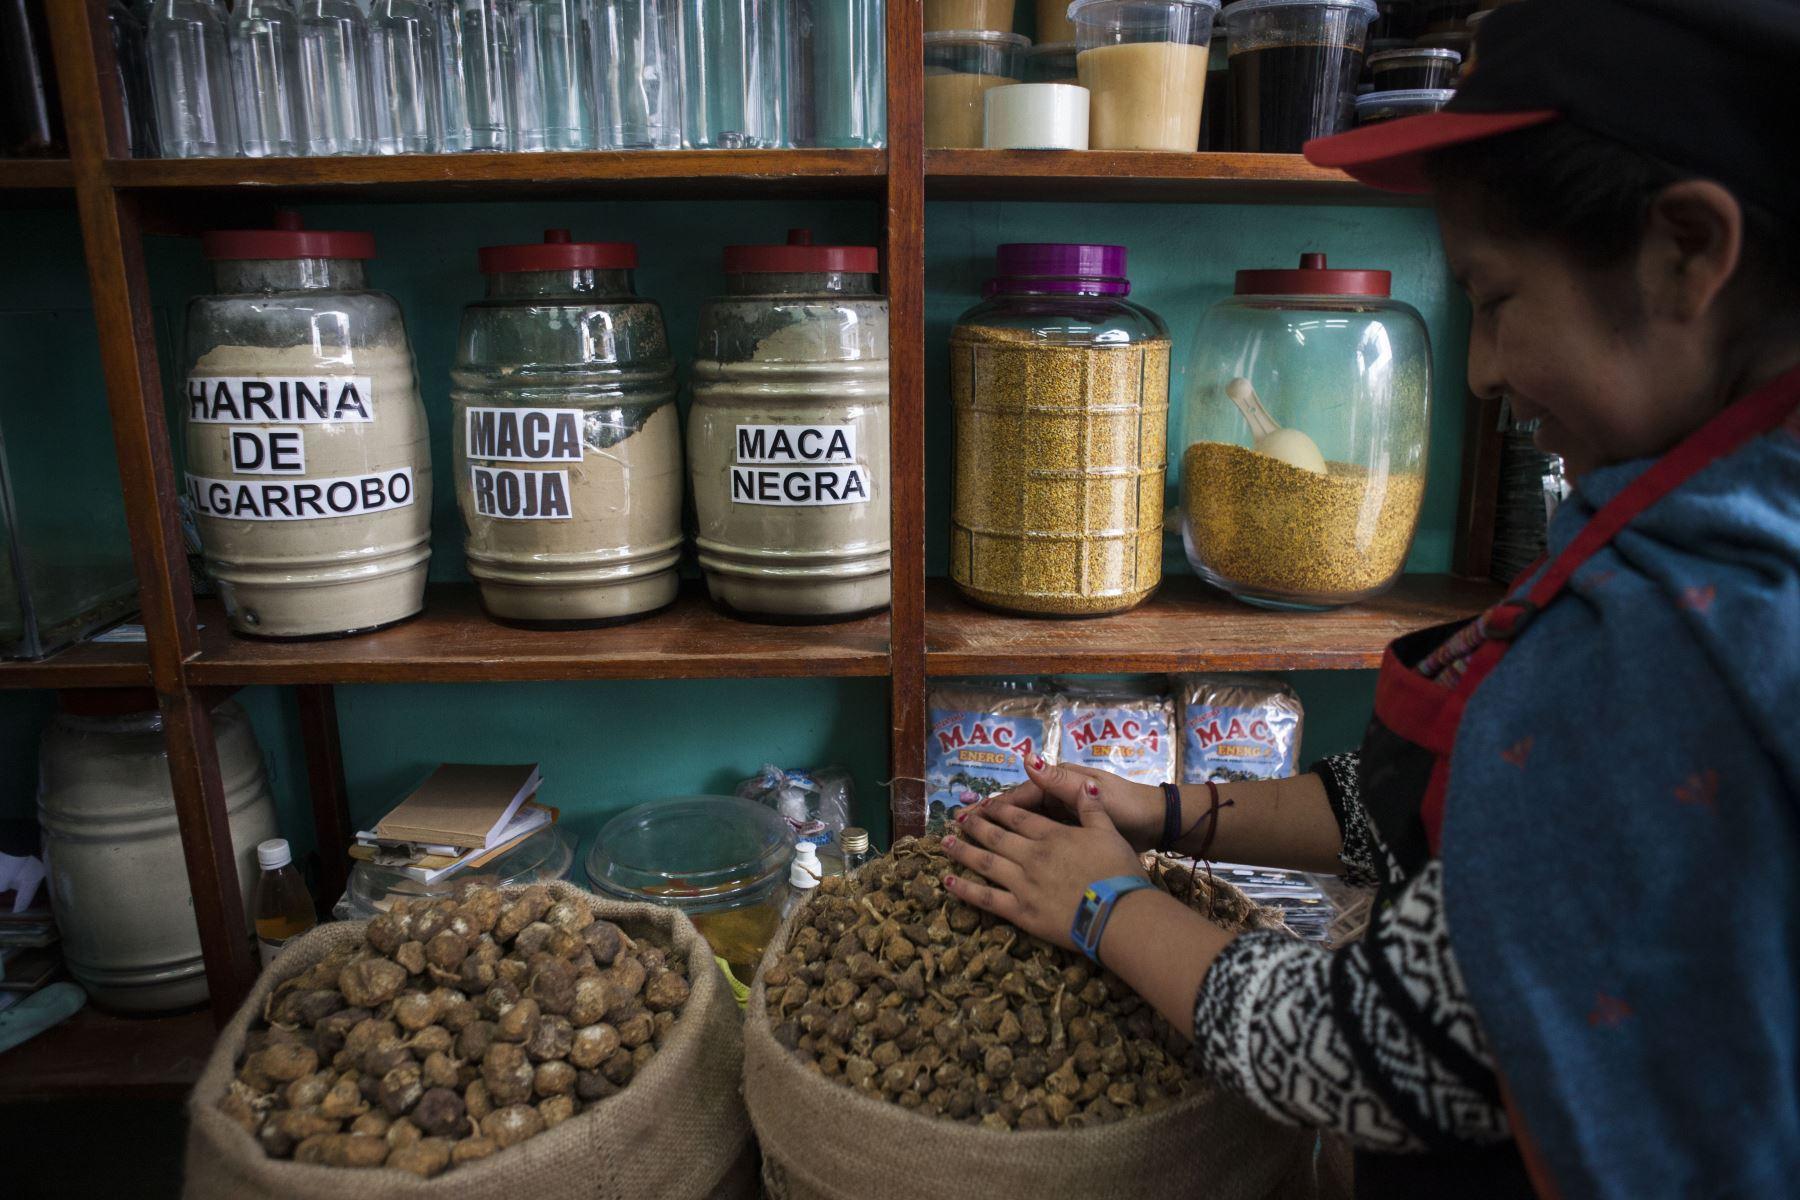 Venta de maca y derivados, raíz andina con propiedades energéticas y curativas.  Foto: ANDINA/Miguel Mejía Castro